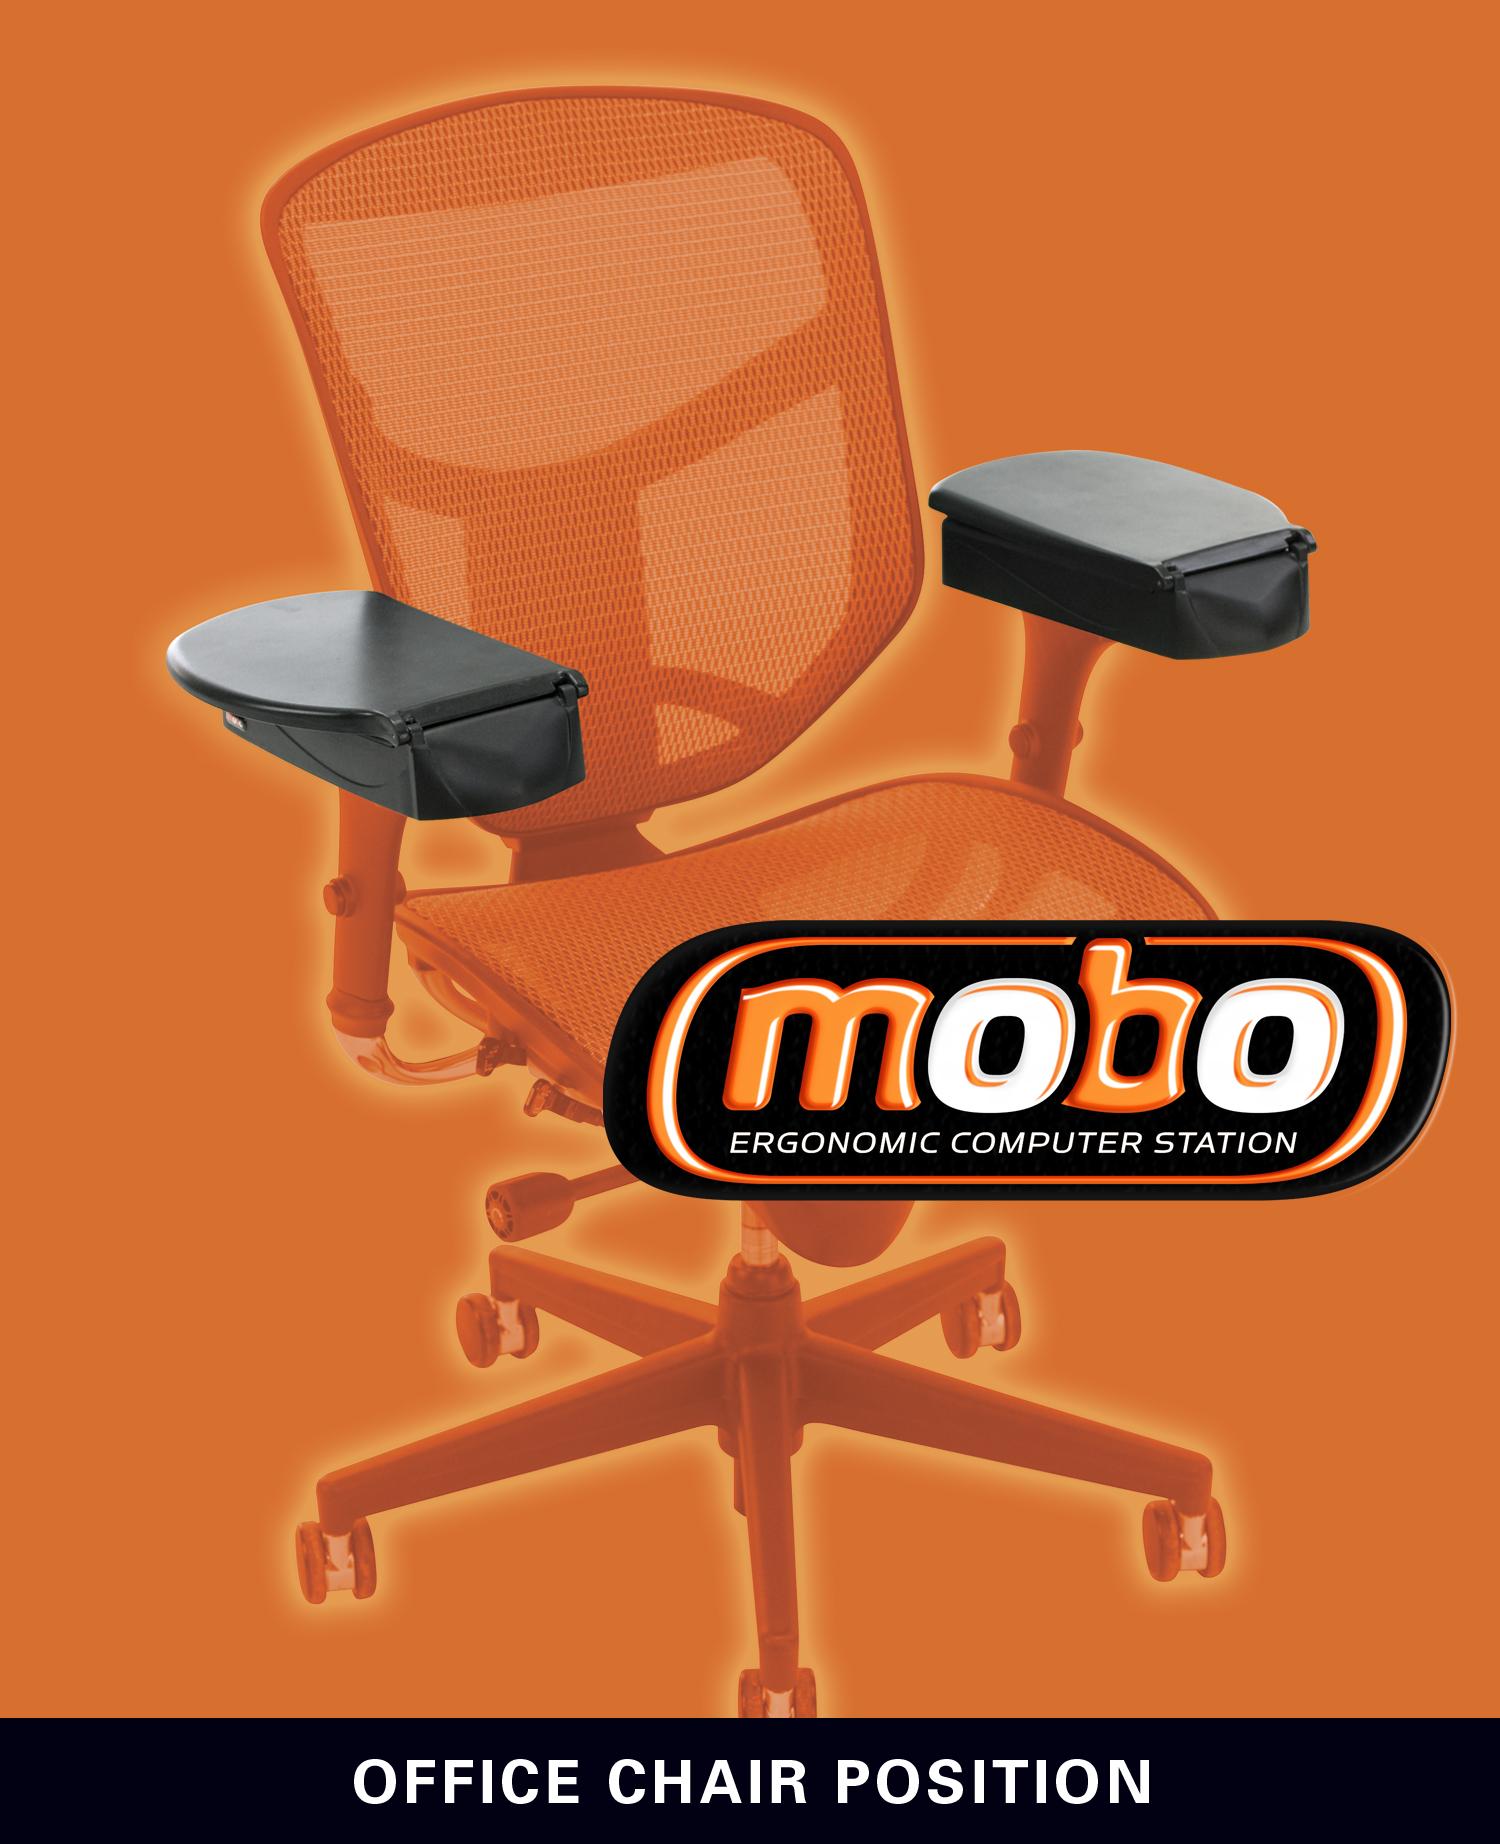 Ergobiz Announces The Mobo Ergonomic Computer Station